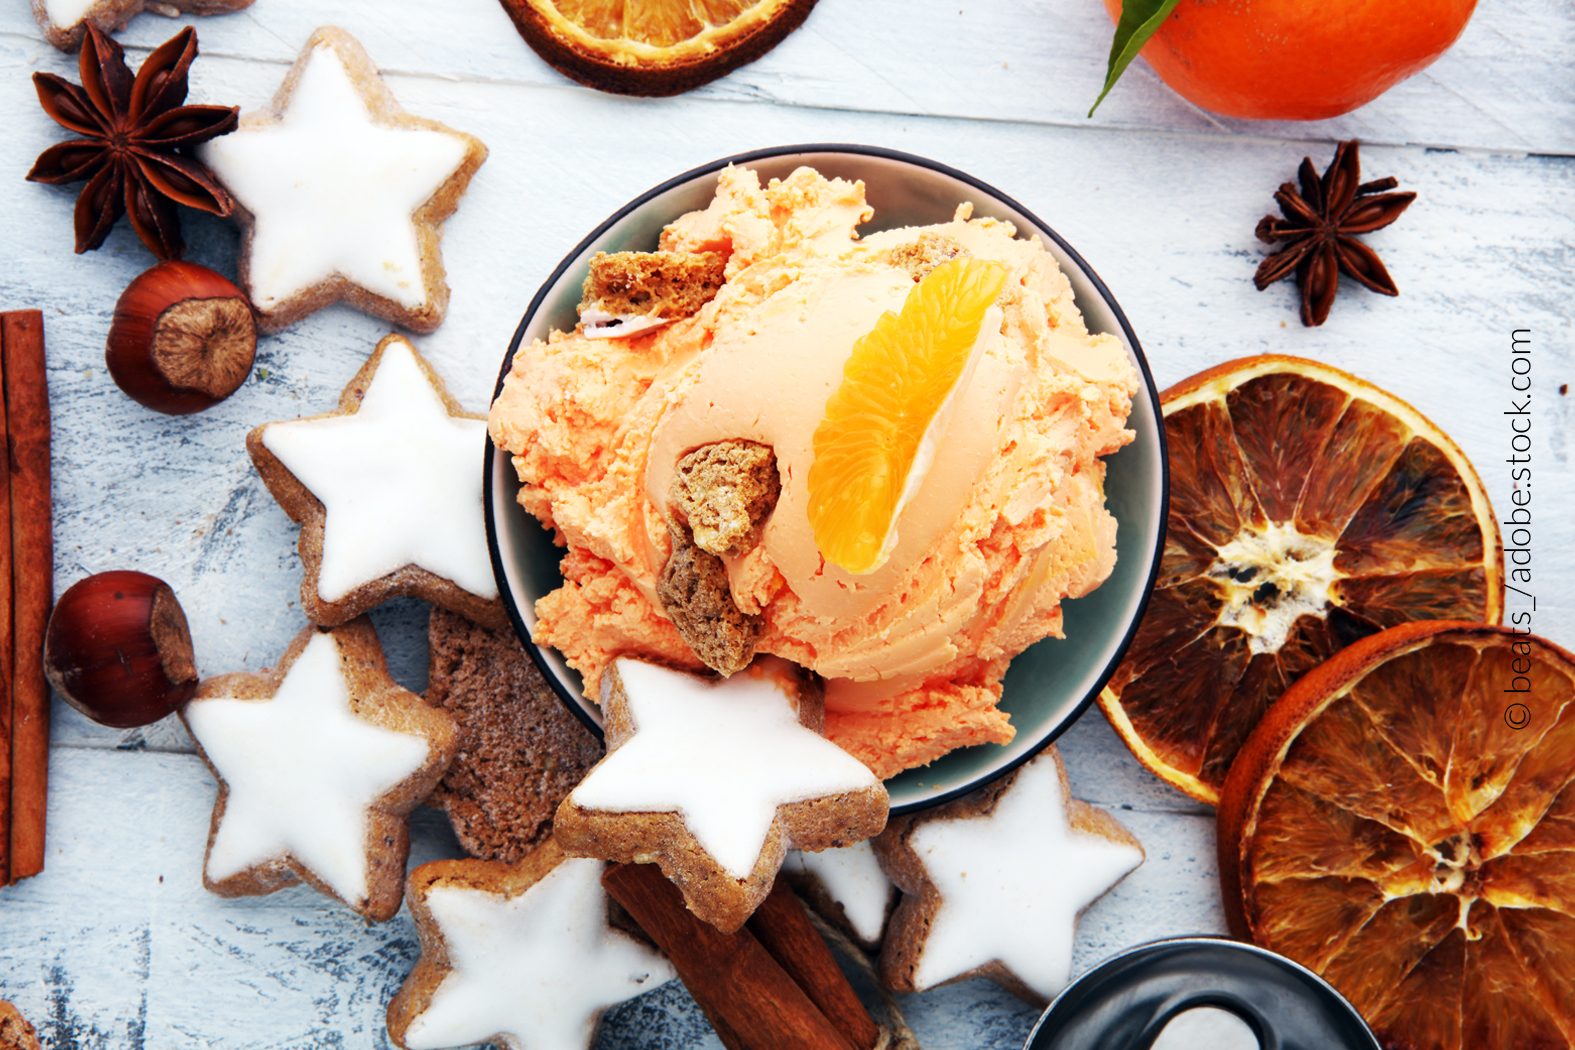 Wintereis ist sehr beliebt. Dazu gehören sahnige, cremige und gehaltvollere Eissorten, vor allem spezielle Kreationen von Schokoladen-, Mandel-, Nuss- oder Nougat-Eis. Auch werden häufig typisch winterlich-weihnachtliche Zutaten wie Zimt, Nelken, Kardamom oder Krokant verwendet.